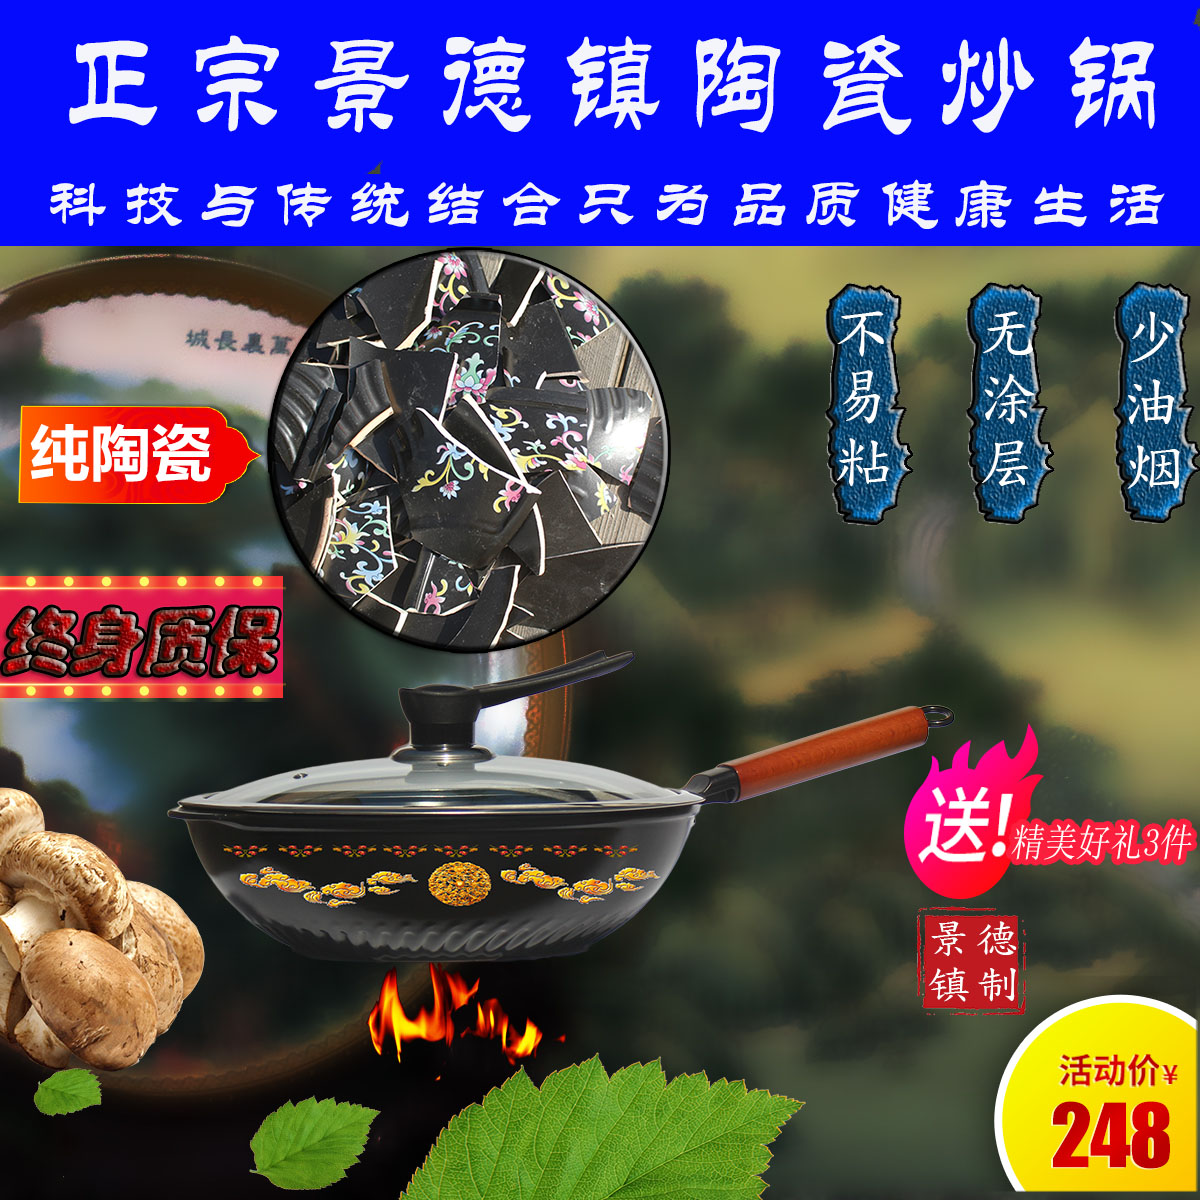 陶磁器の鍋はくっつきにくくて、油煙が少ない景徳鎮の陶磁器の炒め物の鍋の家庭の養生がありません。